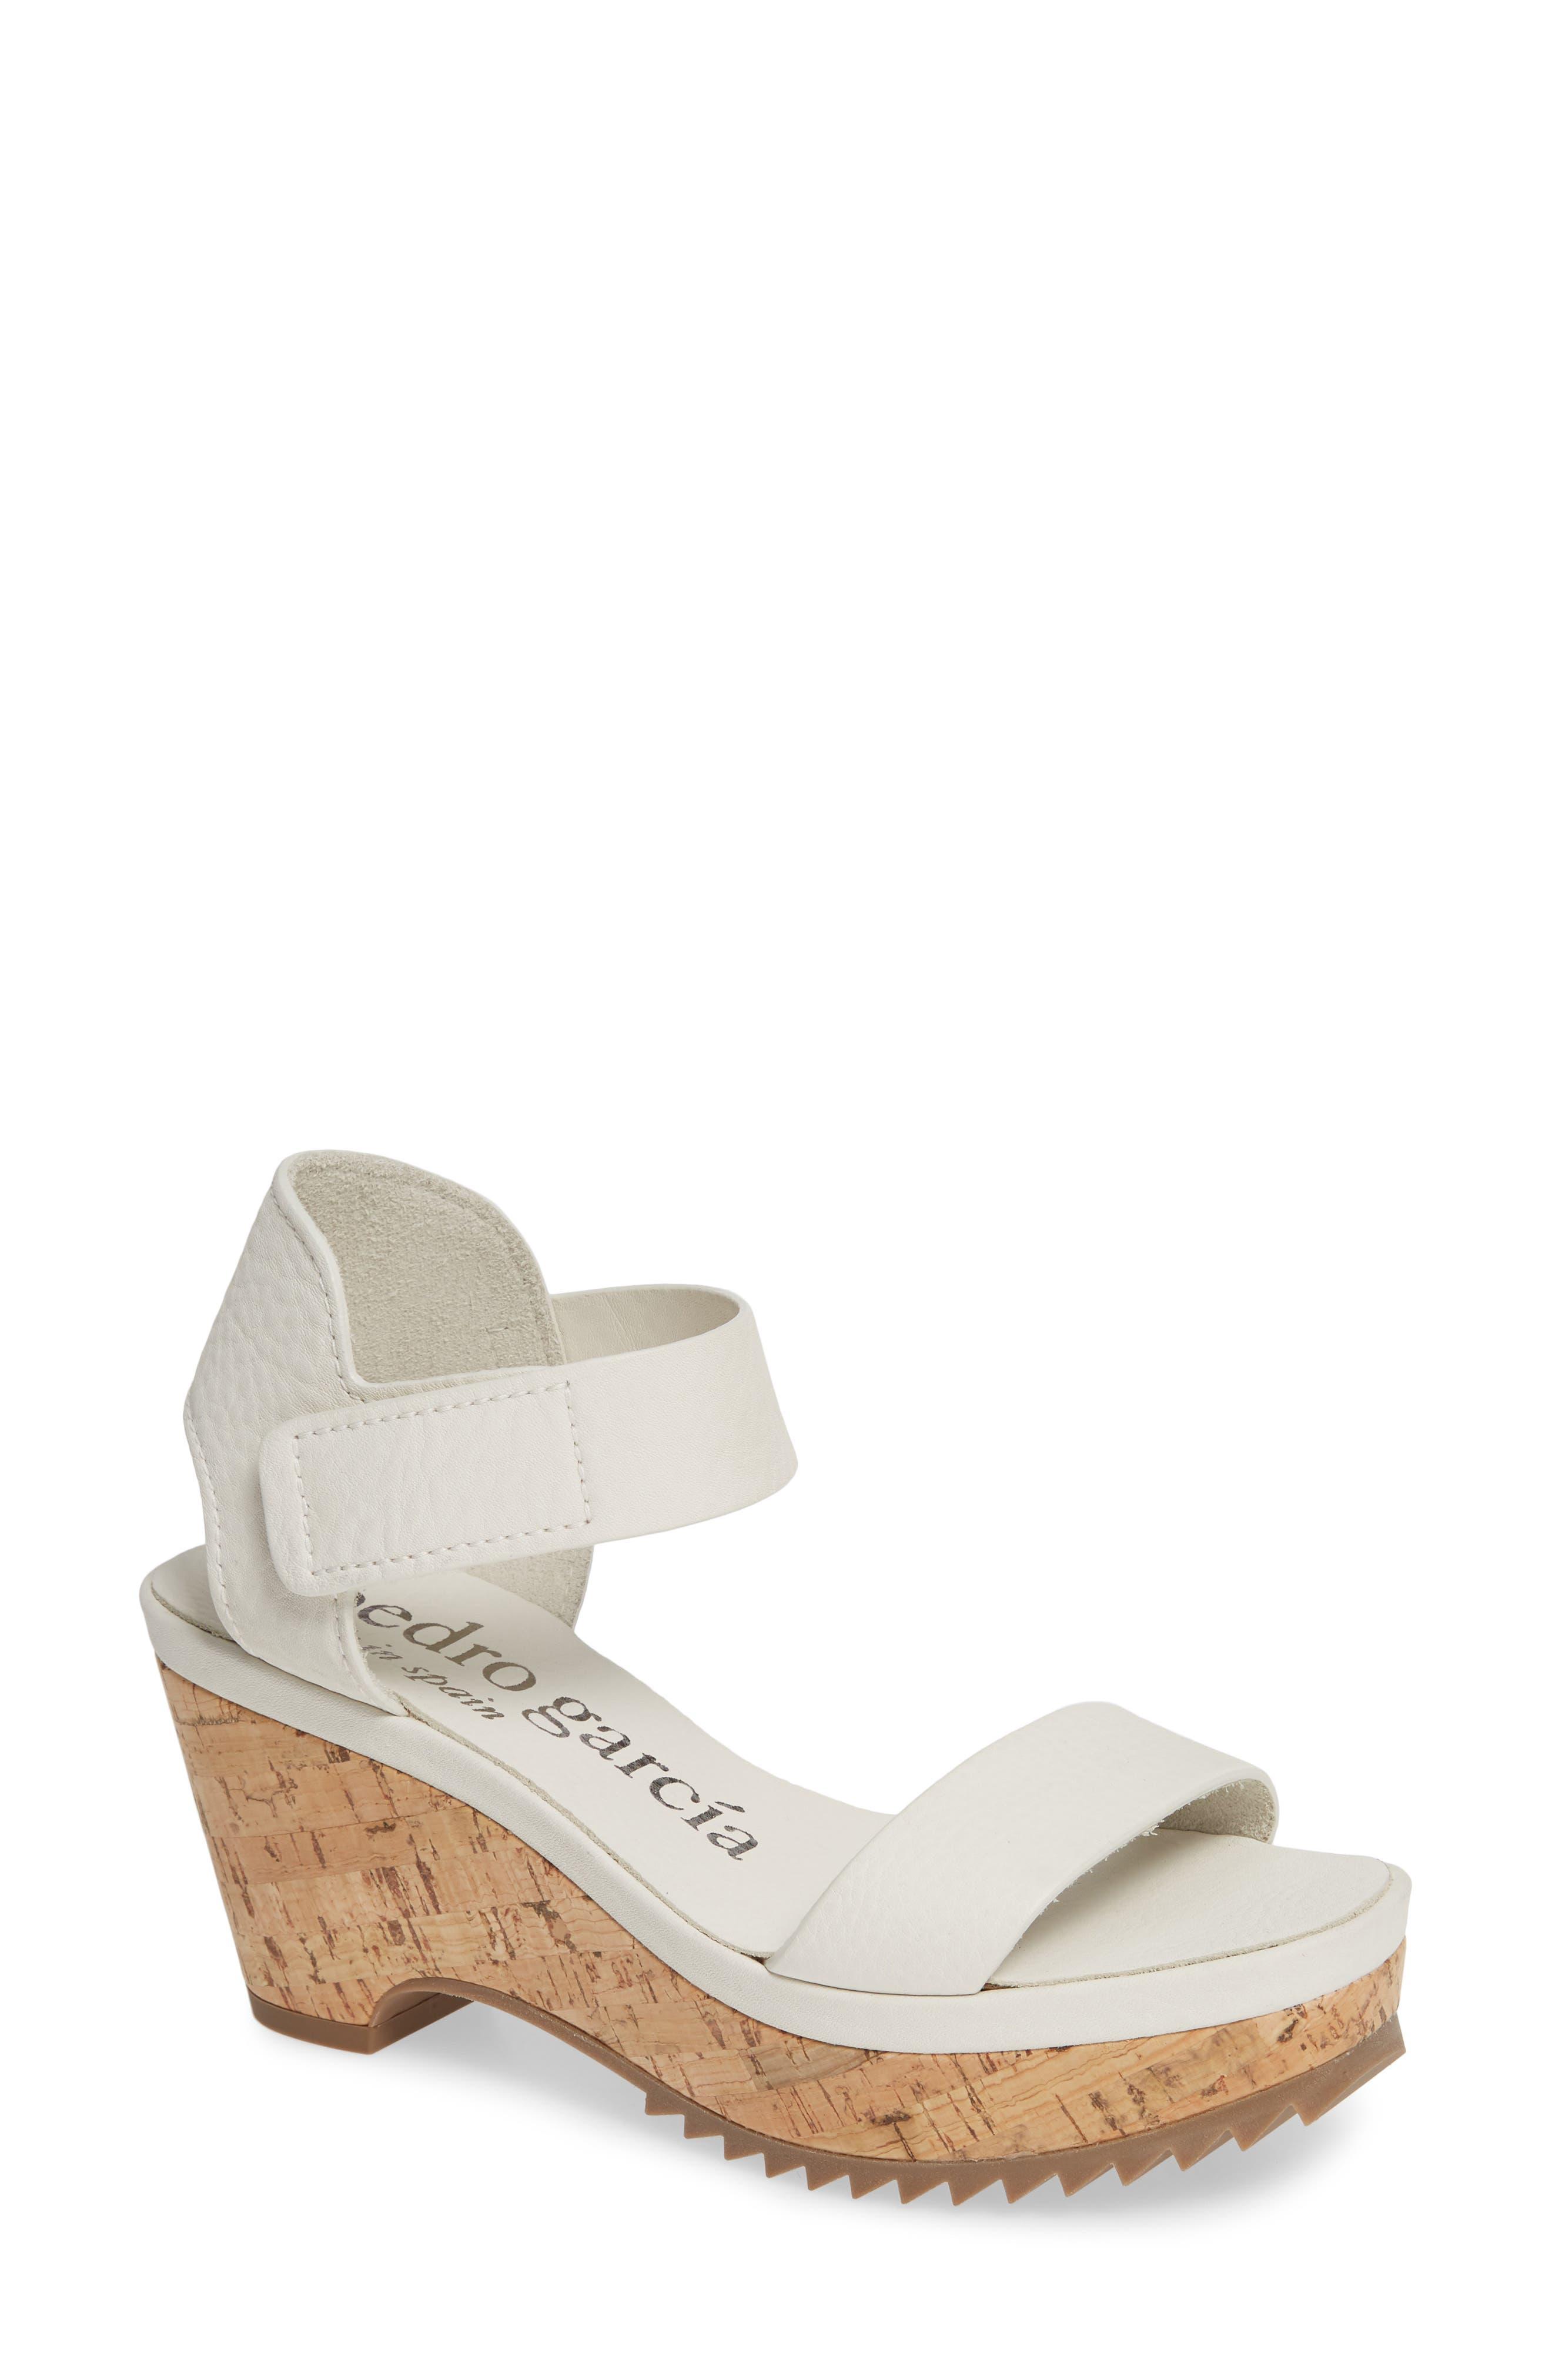 Pedro Garcia Franses Flatform Sandal, White